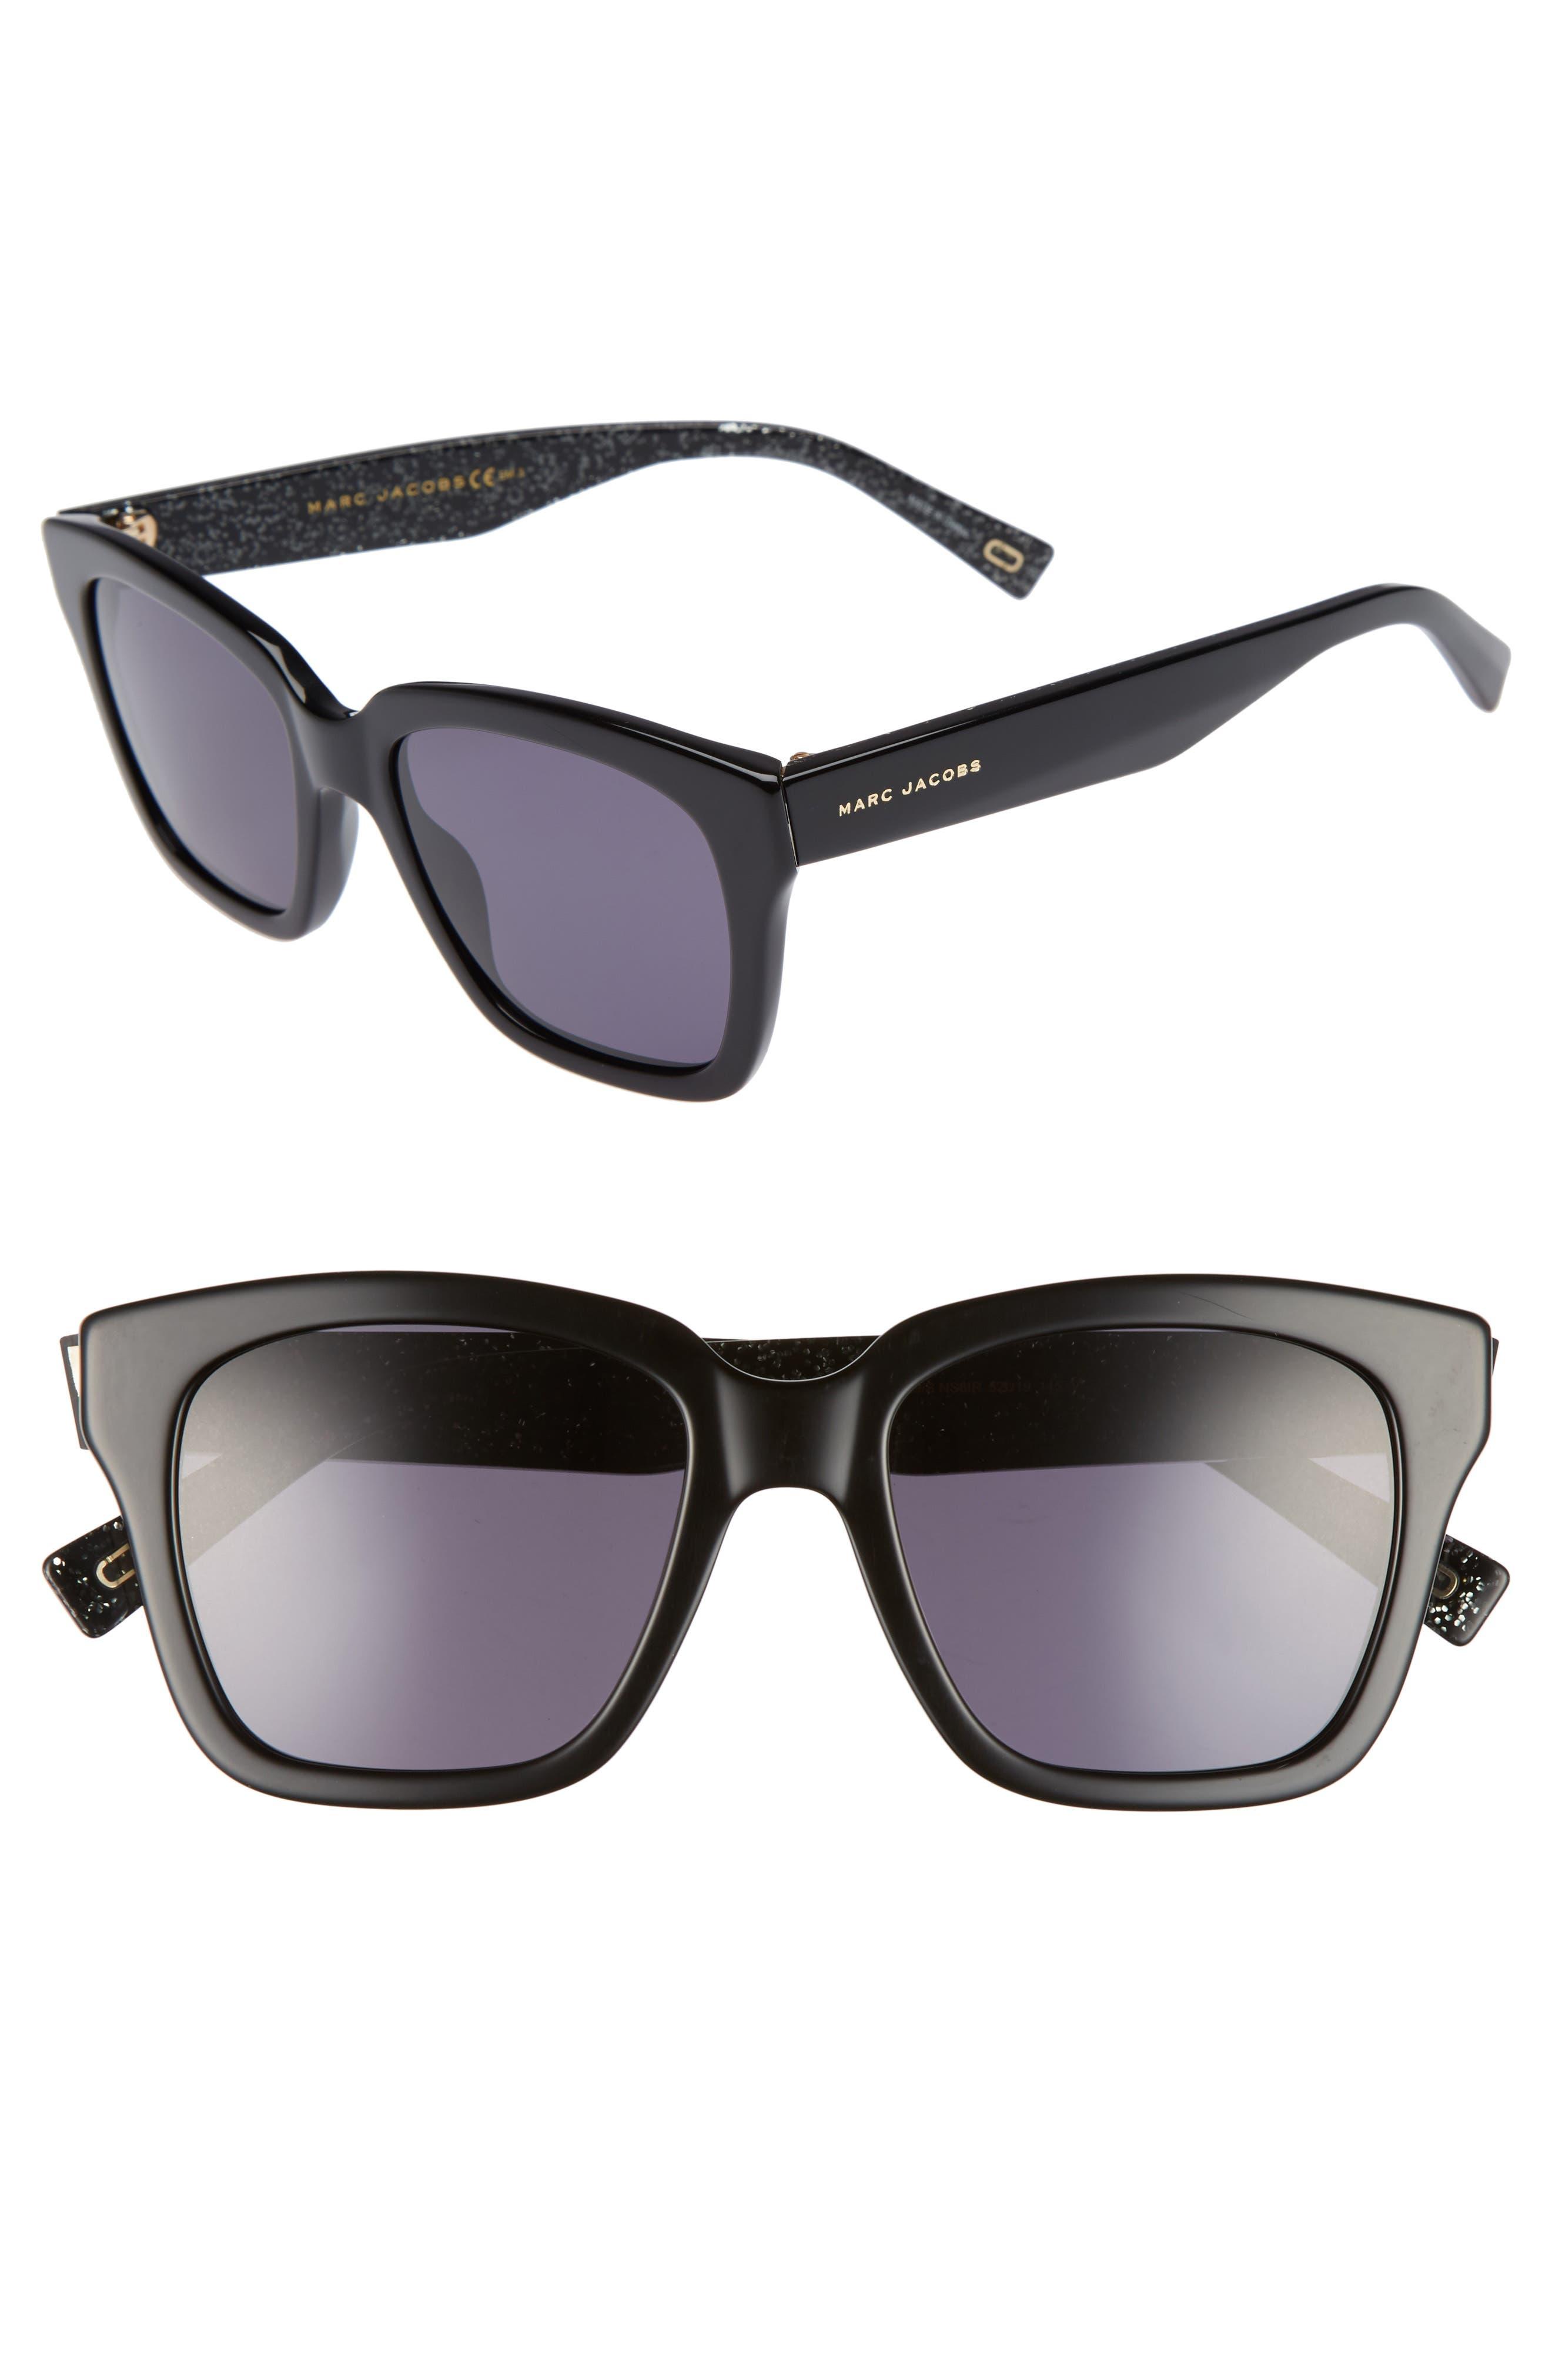 52mm Square Sunglasses,                         Main,                         color, BLACK GLITTER/ GRAY BLUE